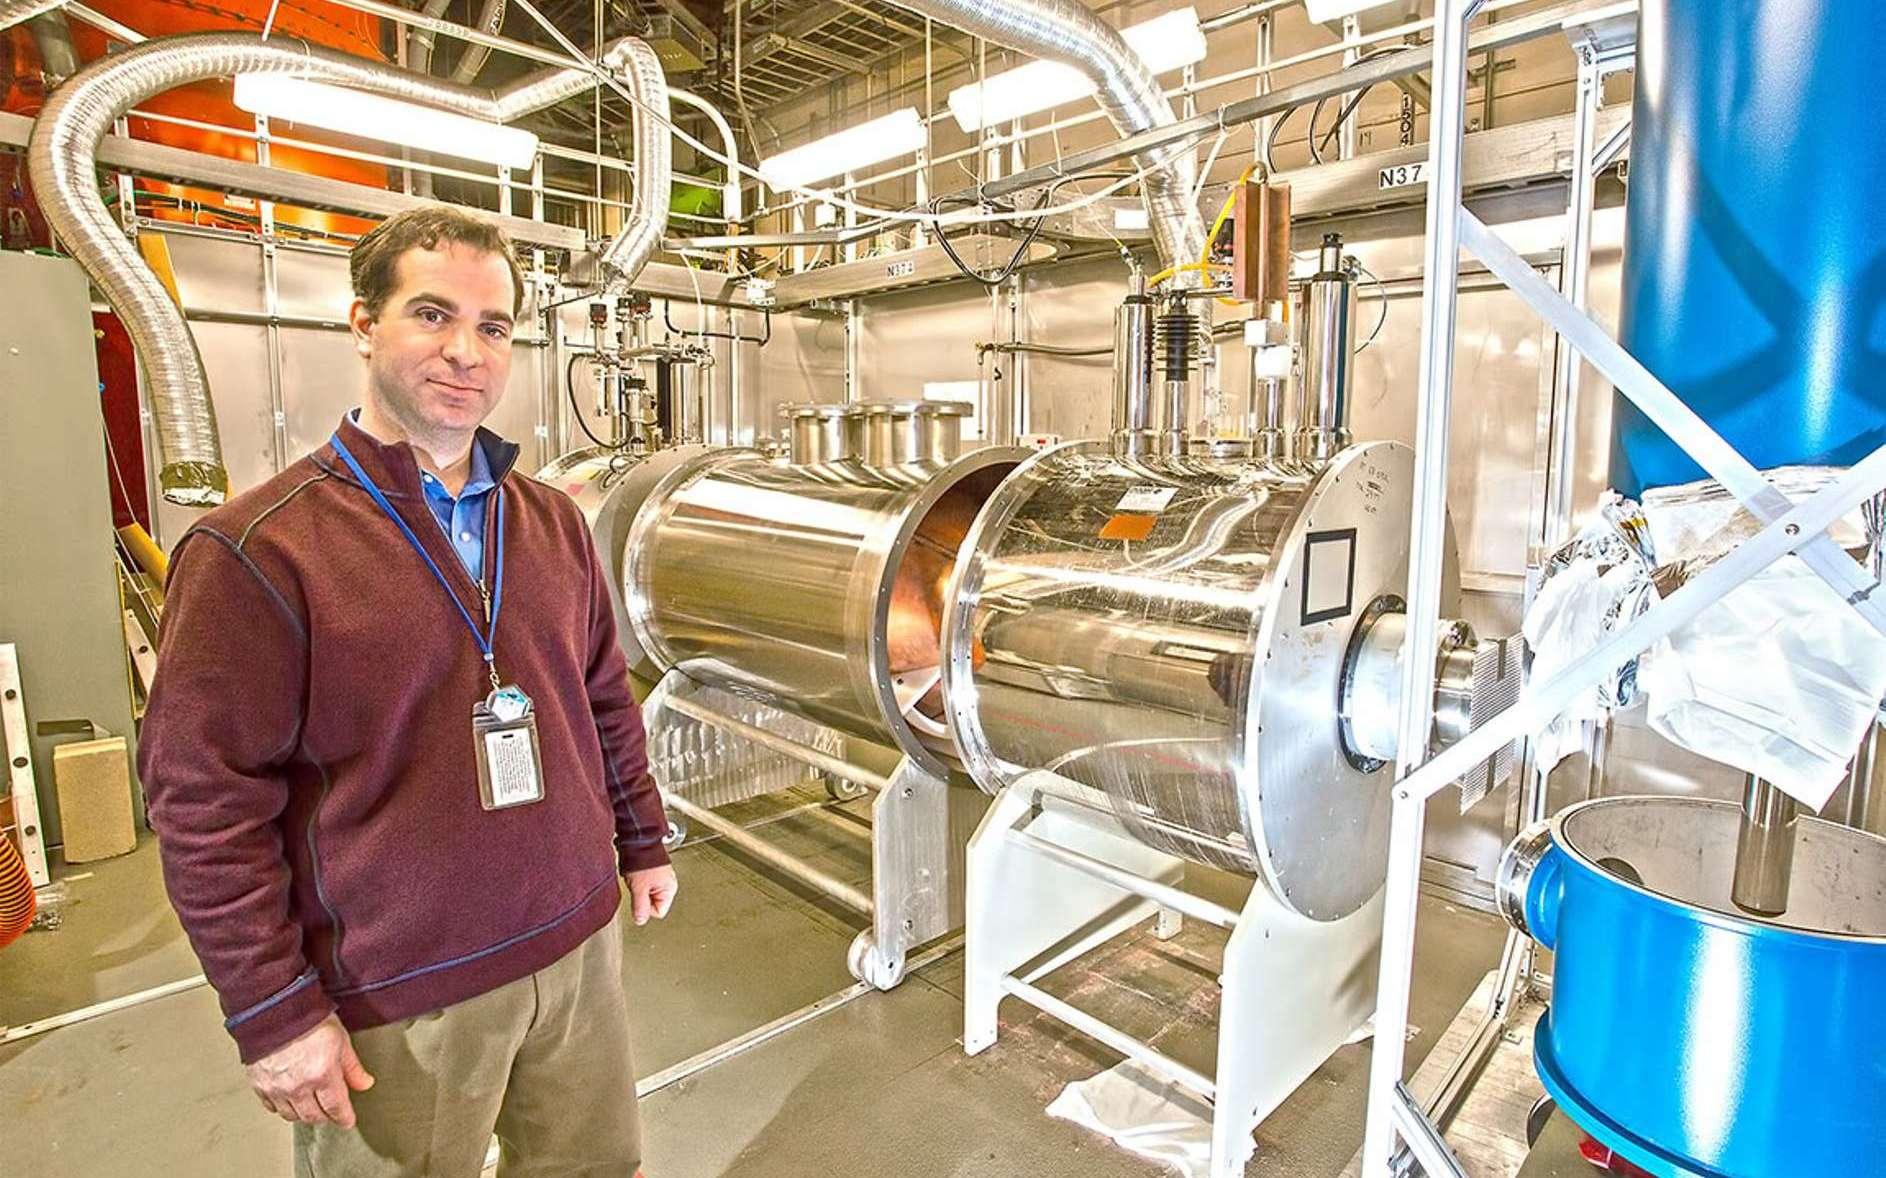 Chris Tully, physicien à Princeton, se trouve dans le laboratoire Ptolemy du laboratoire de physique des plasmas de Princeton. © Elle Starkman, PPPL Communications